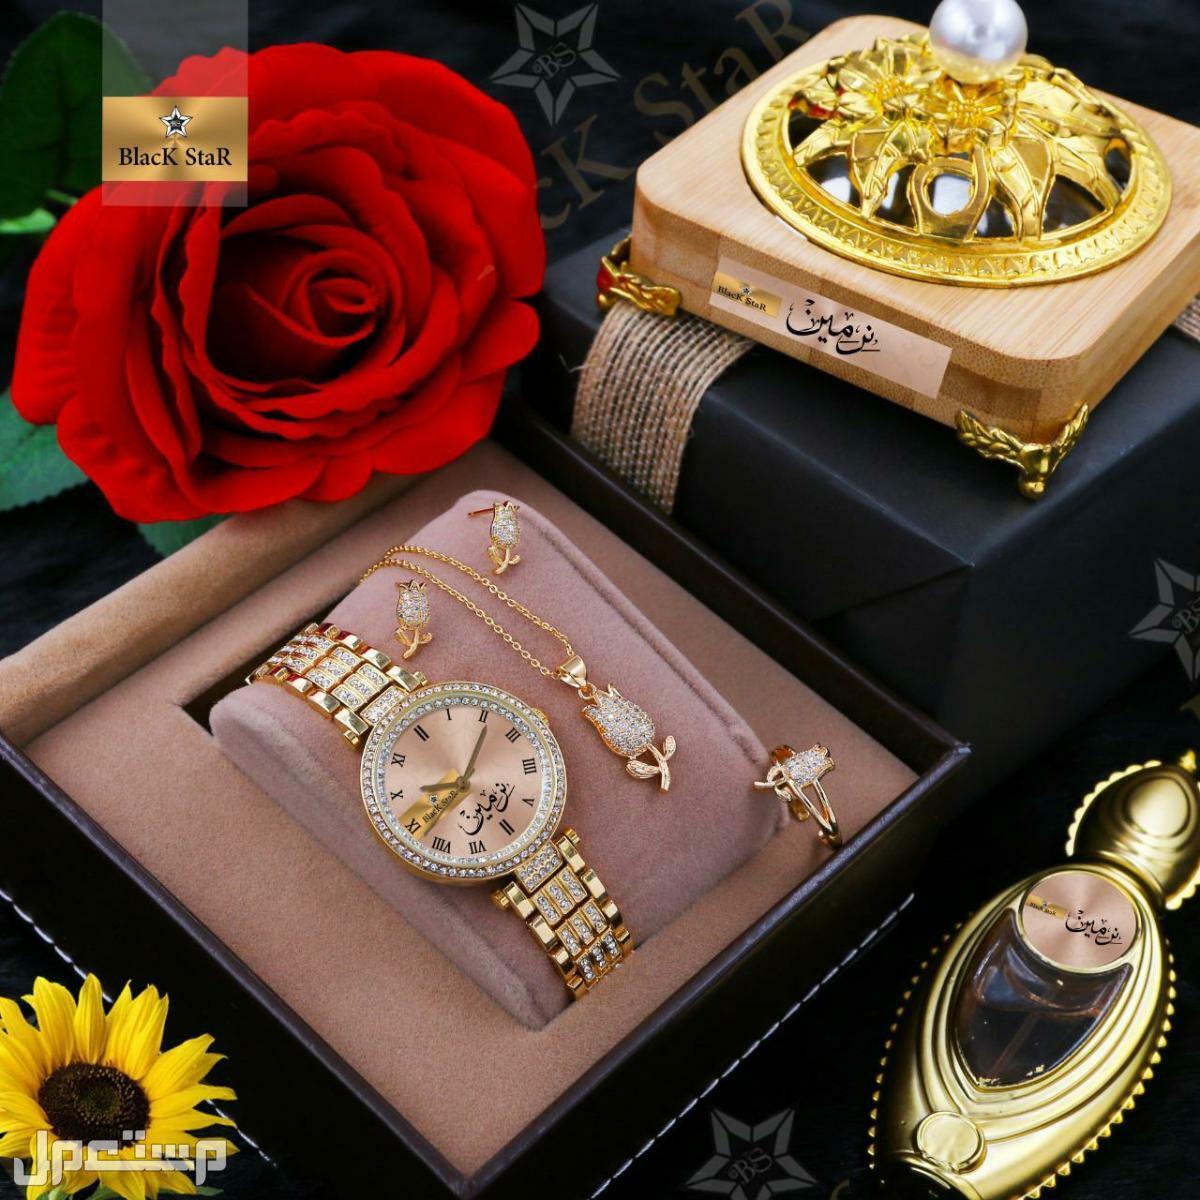 اطقم ساعات زاركون نسائي قص الماس بالاسم حسب الطلب